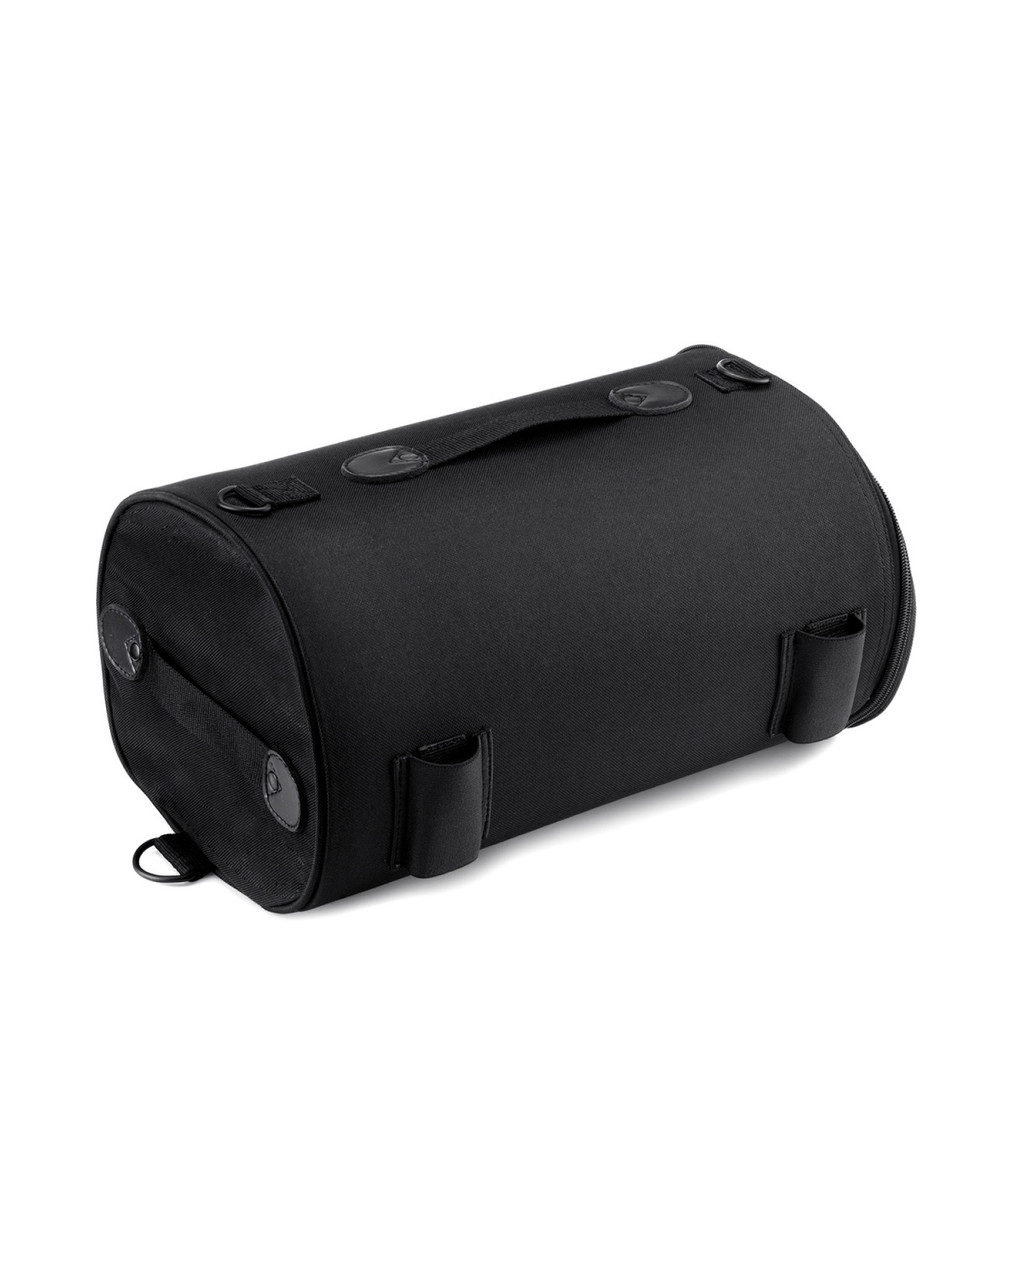 Harley Davidson Viking Extra Large Plain Motorcycle Tail Bag Roll Bag